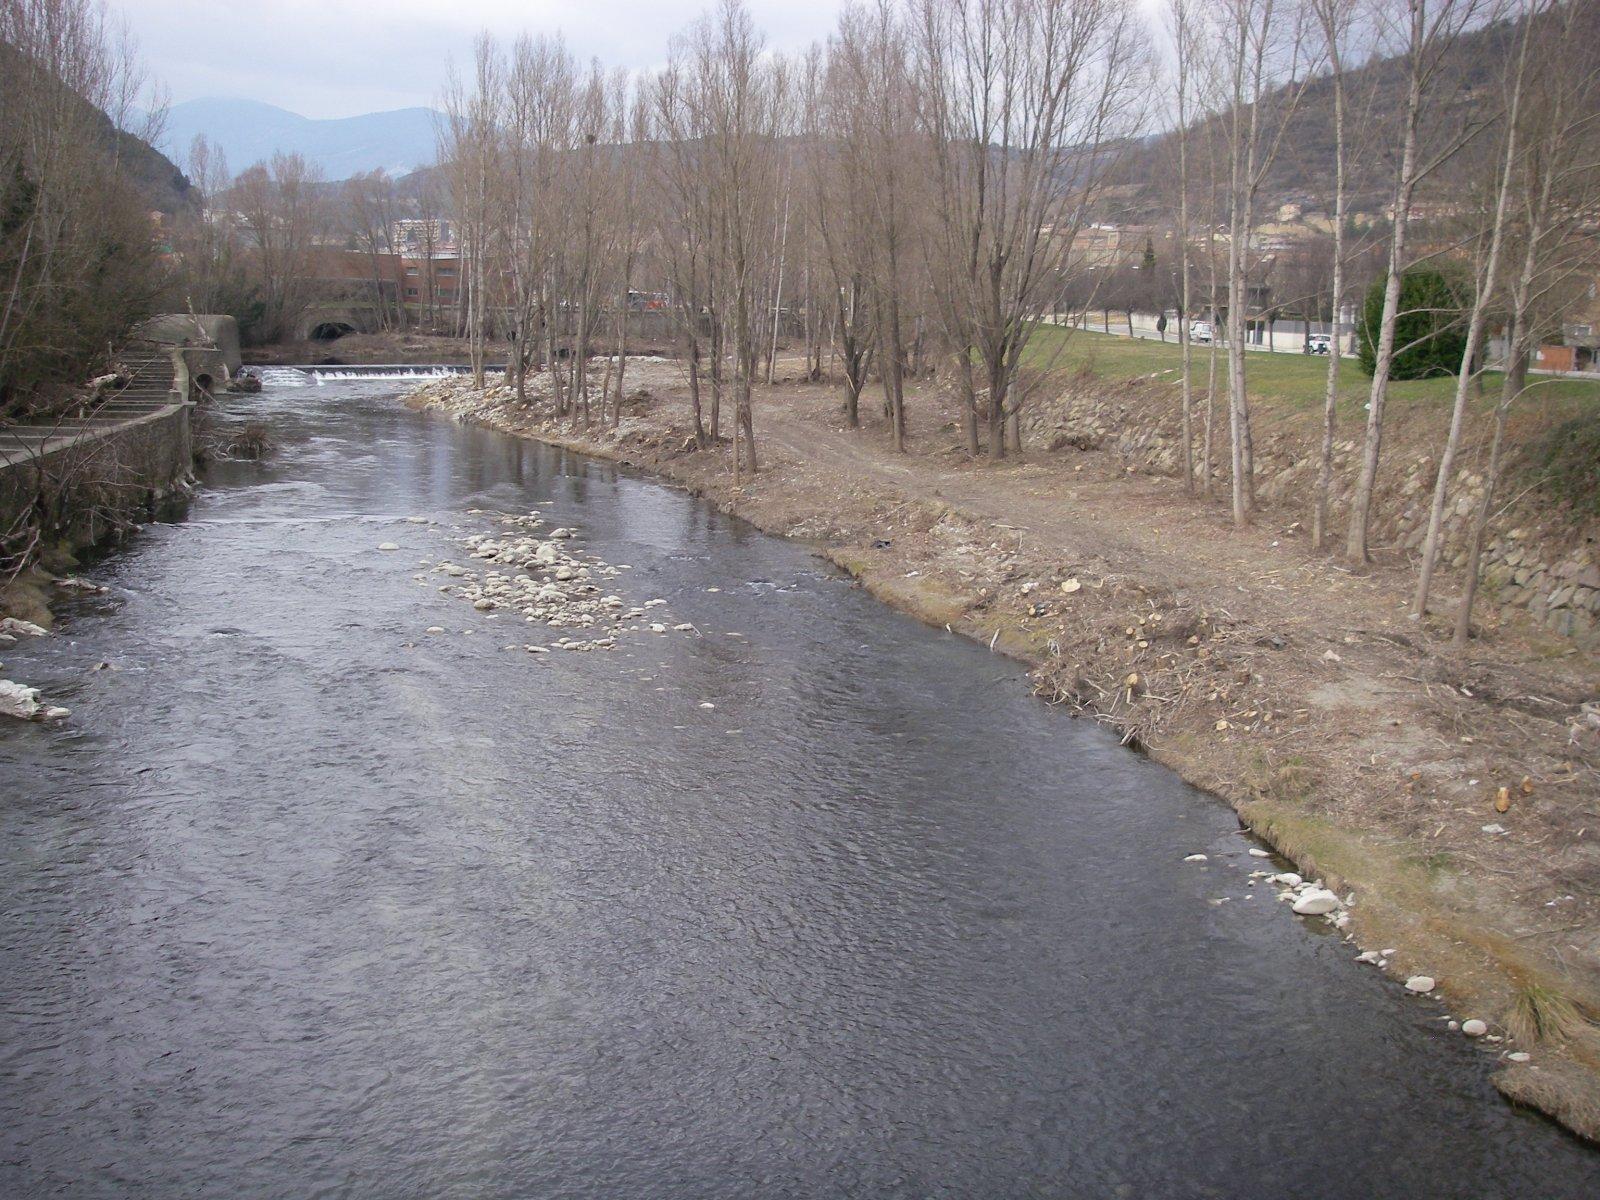 Obres finalitzades al riu Ter, entre Ripoll i Campdevànol